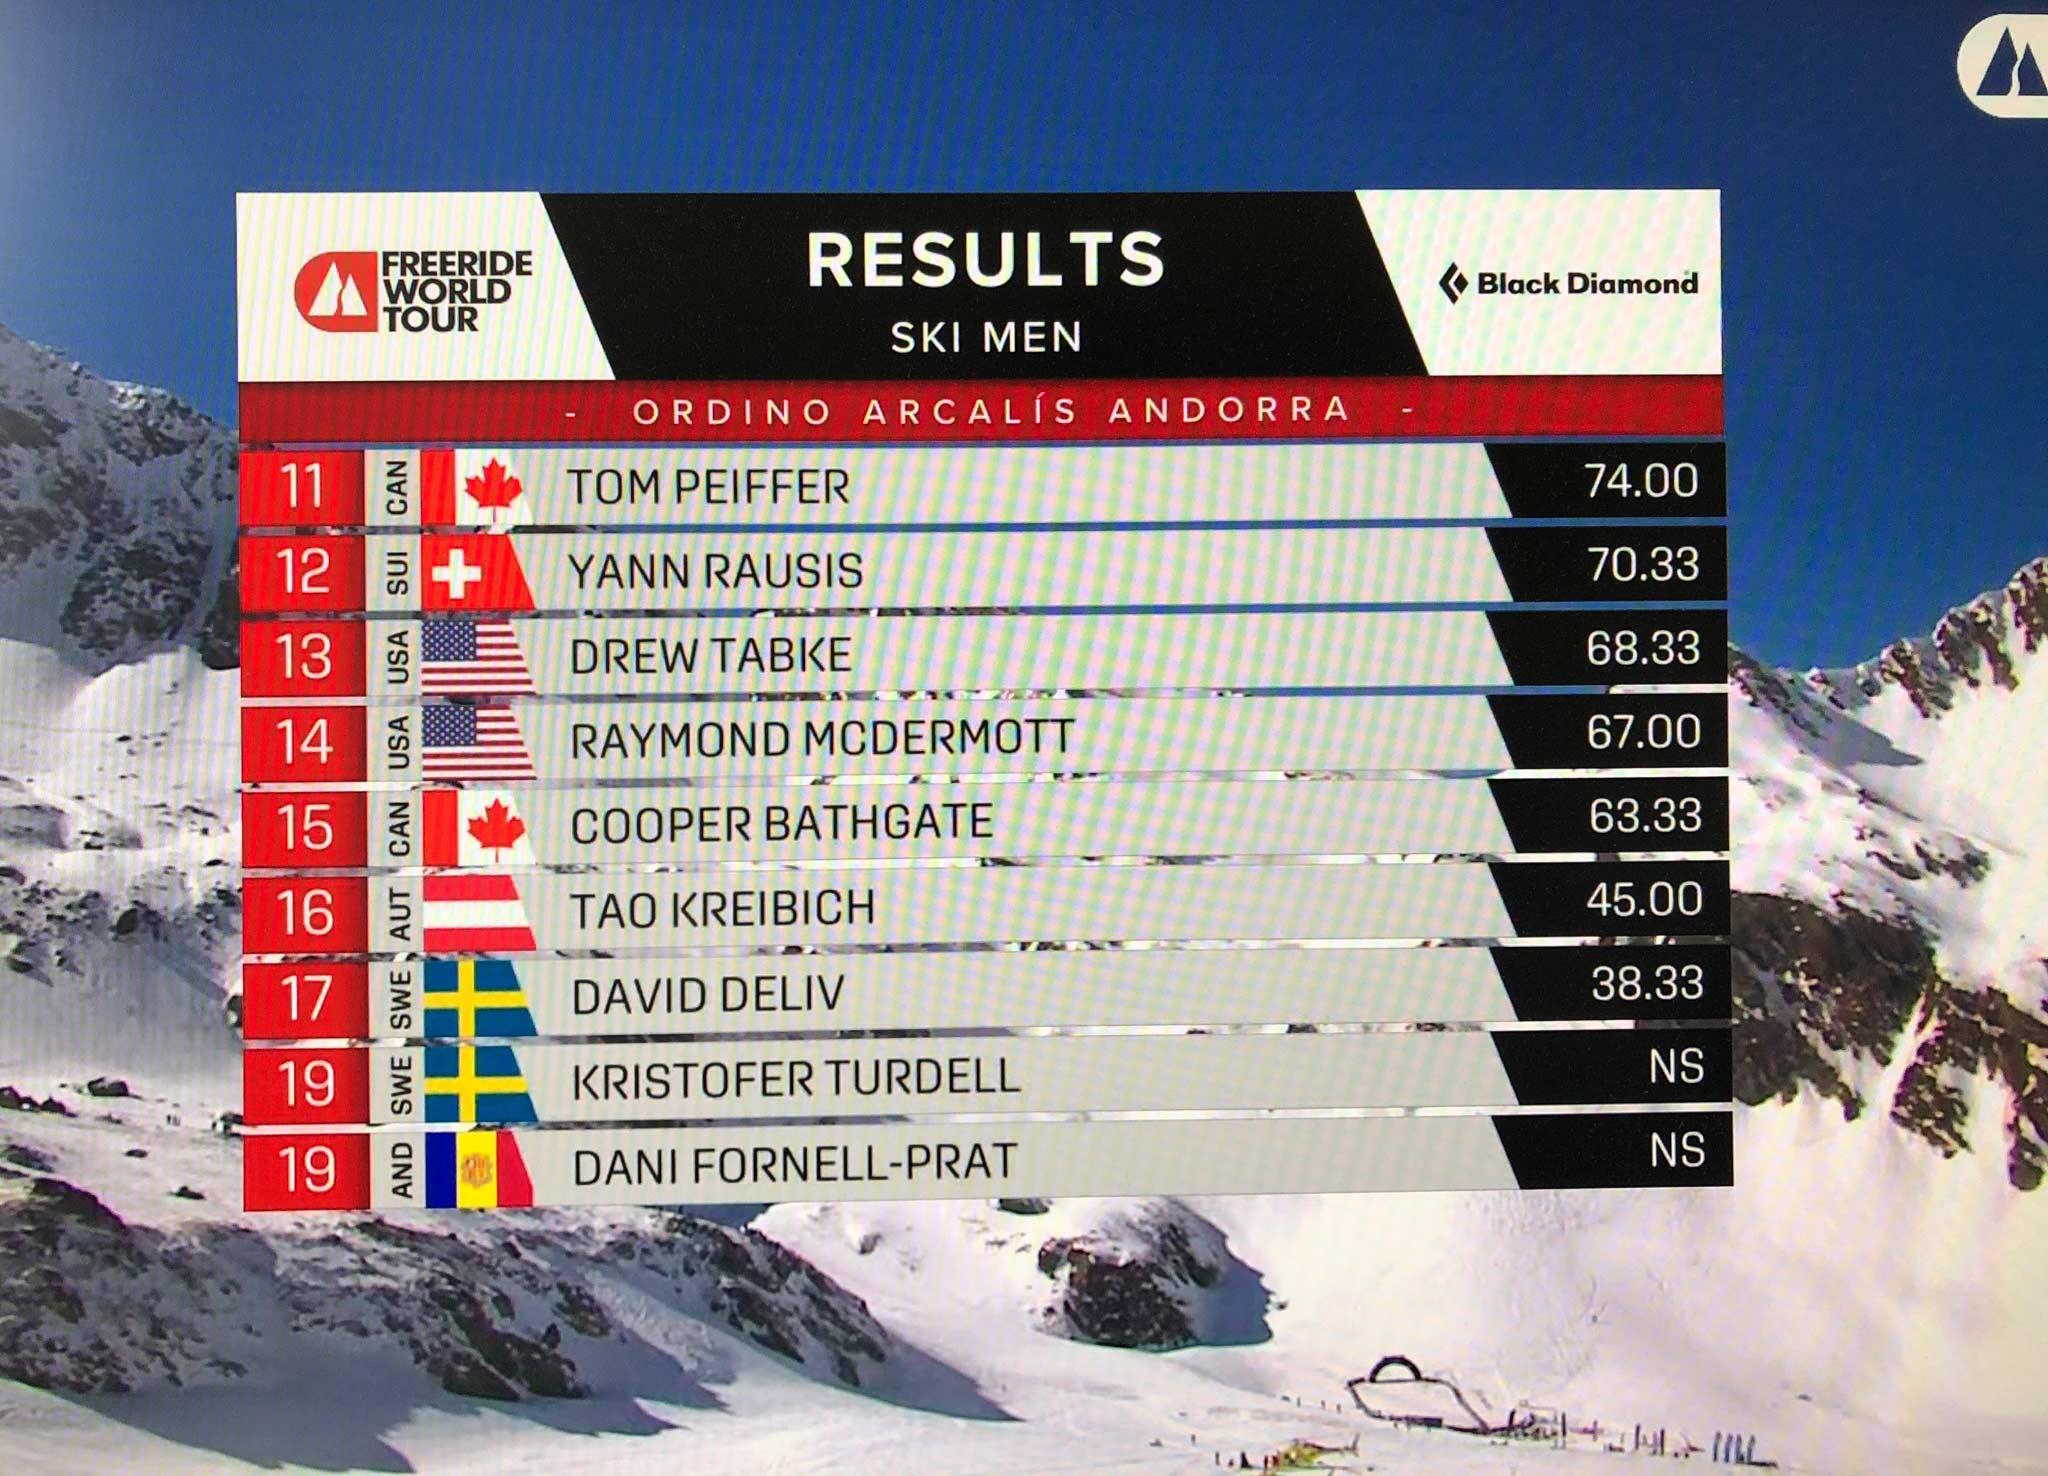 Das Ergebnis der Männer vom Freeride World Tour 2021 Contest in Andorra im Überblick 2/2.